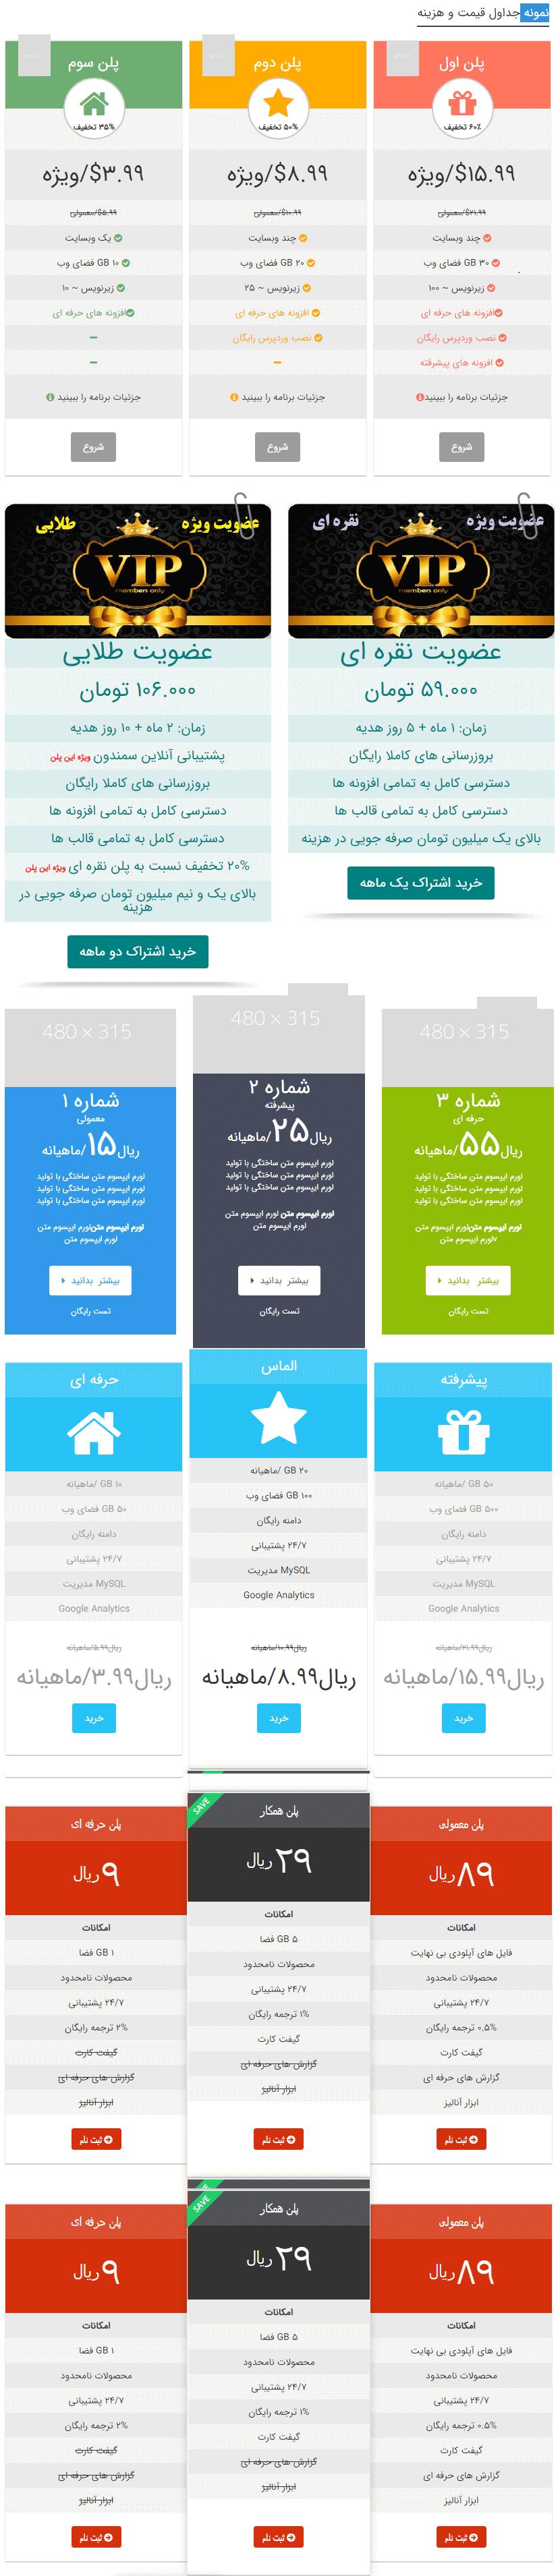 نمونه جداول ساخته شده قیمت و هزینه توسط افزونه Go Pricing